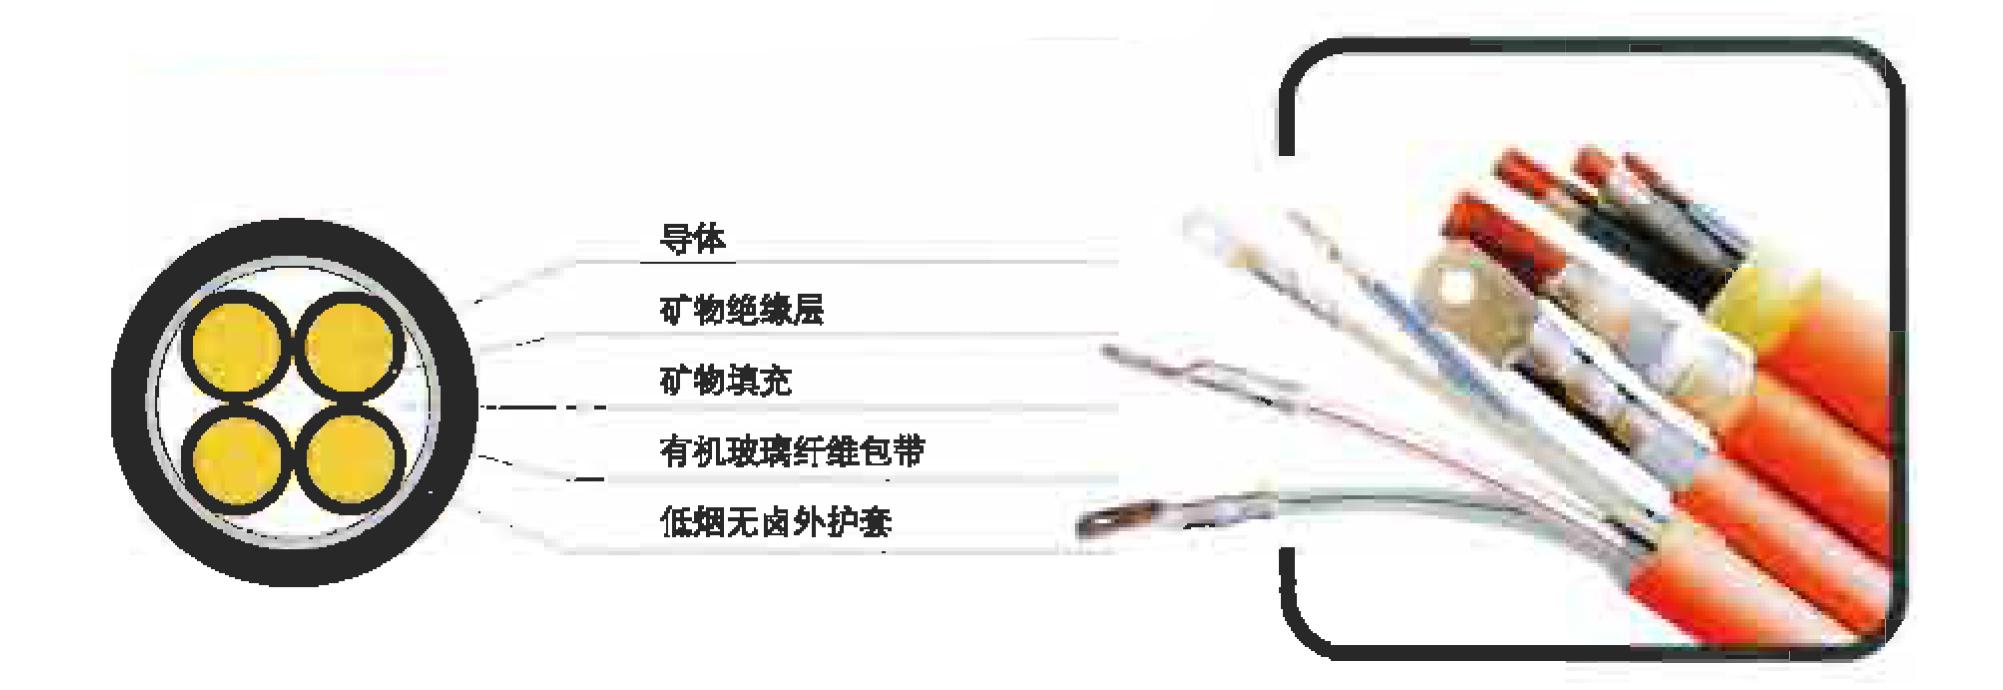 柔性矿物雷竞技pc版防火雷竞技官网下载